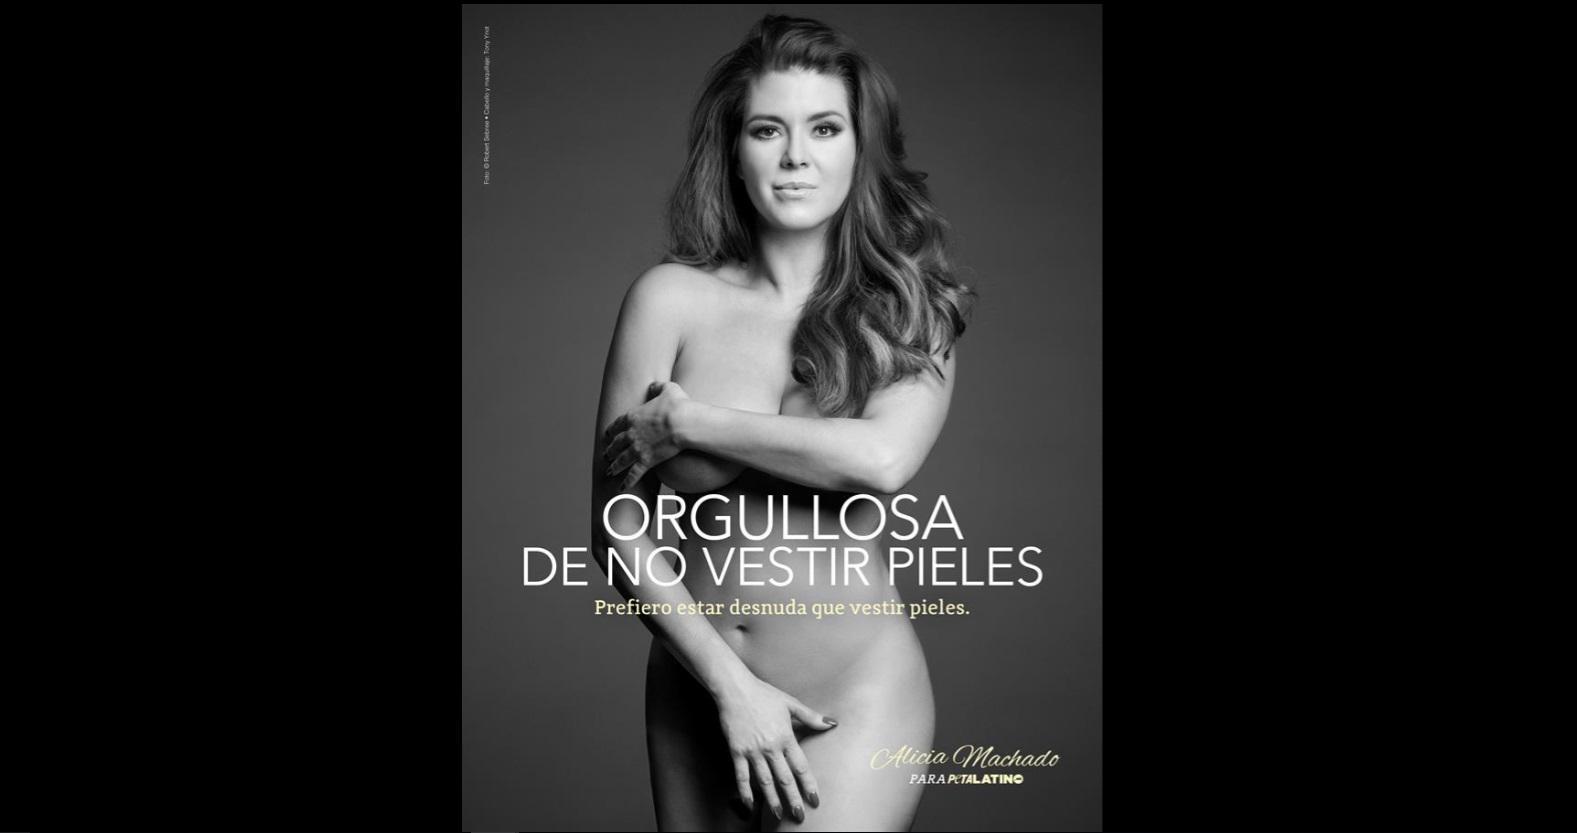 El ltimo desnudo de Alessandra Ambrosio que - MARCA